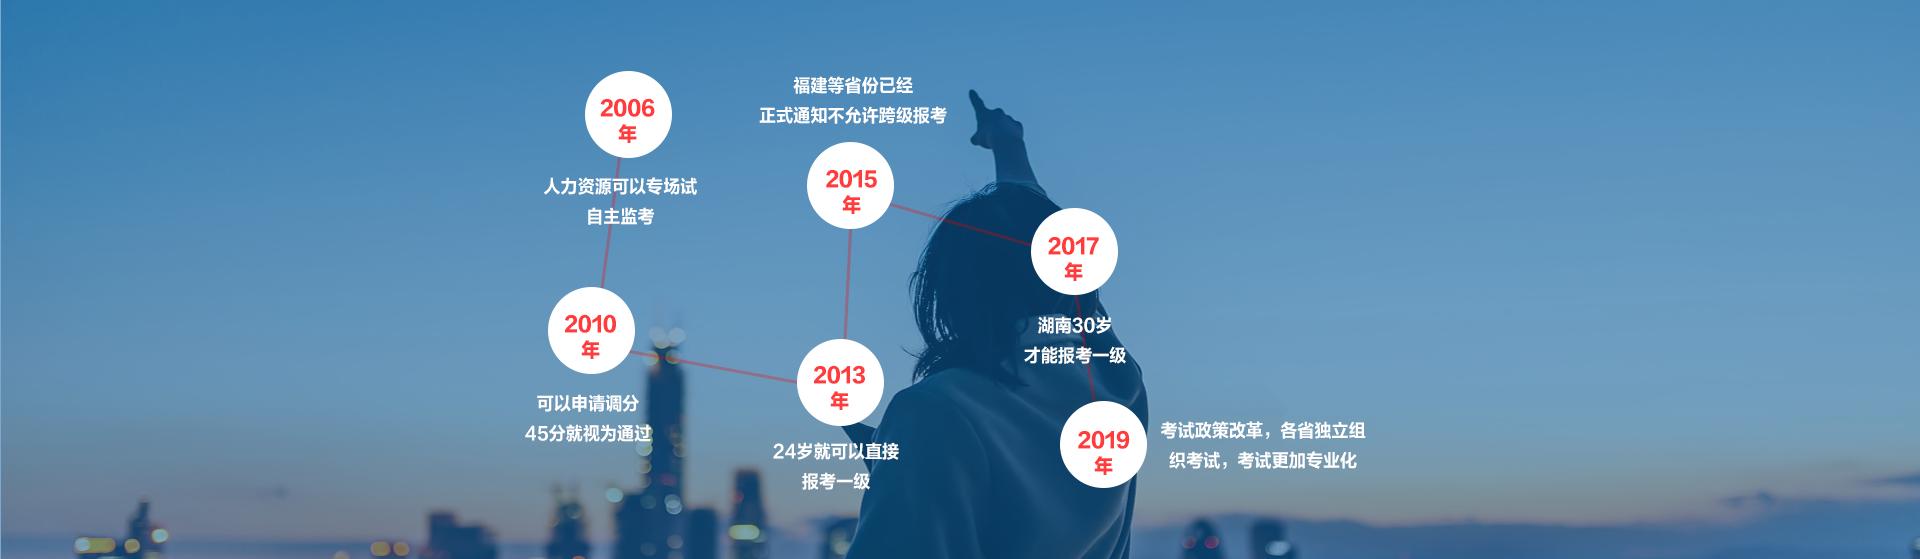 上海企业人力资源管理师培训中心哪家好